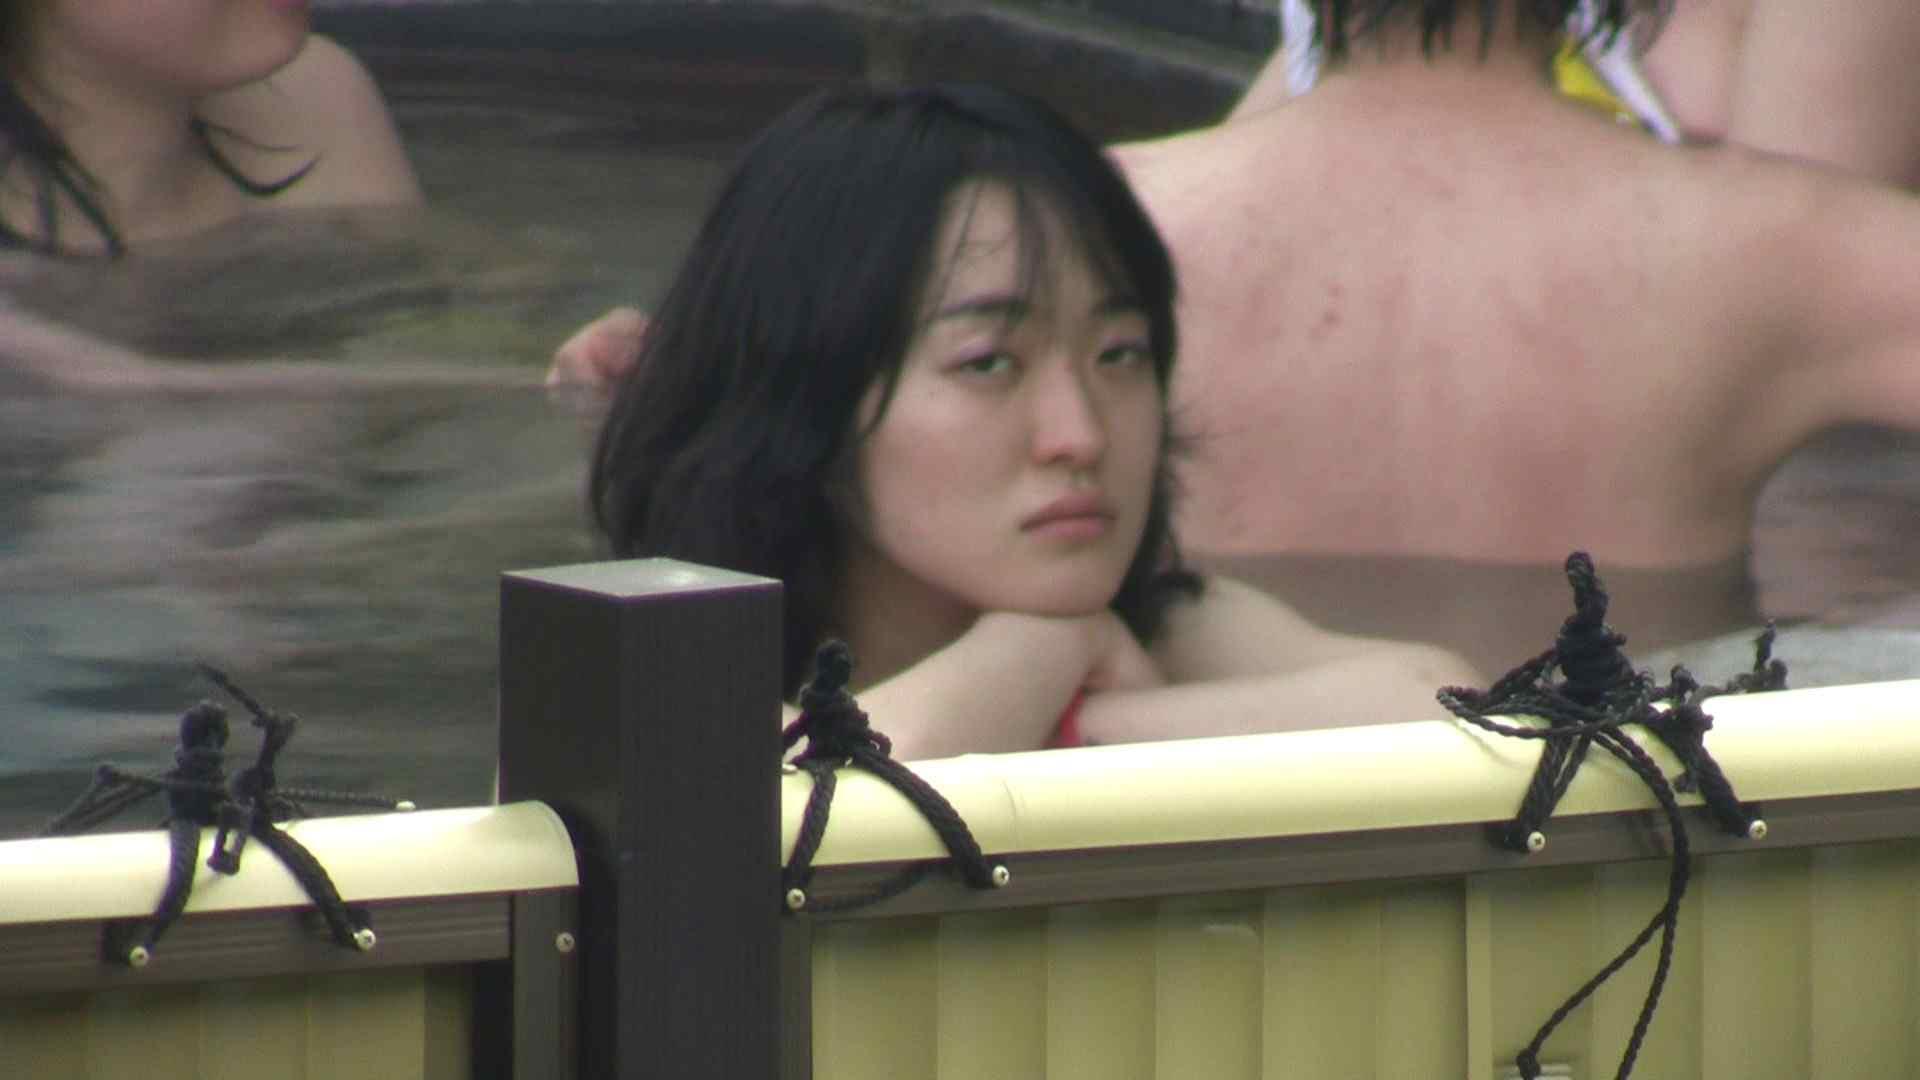 Aquaな露天風呂Vol.681 盗撮 盗撮動画紹介 98画像 32